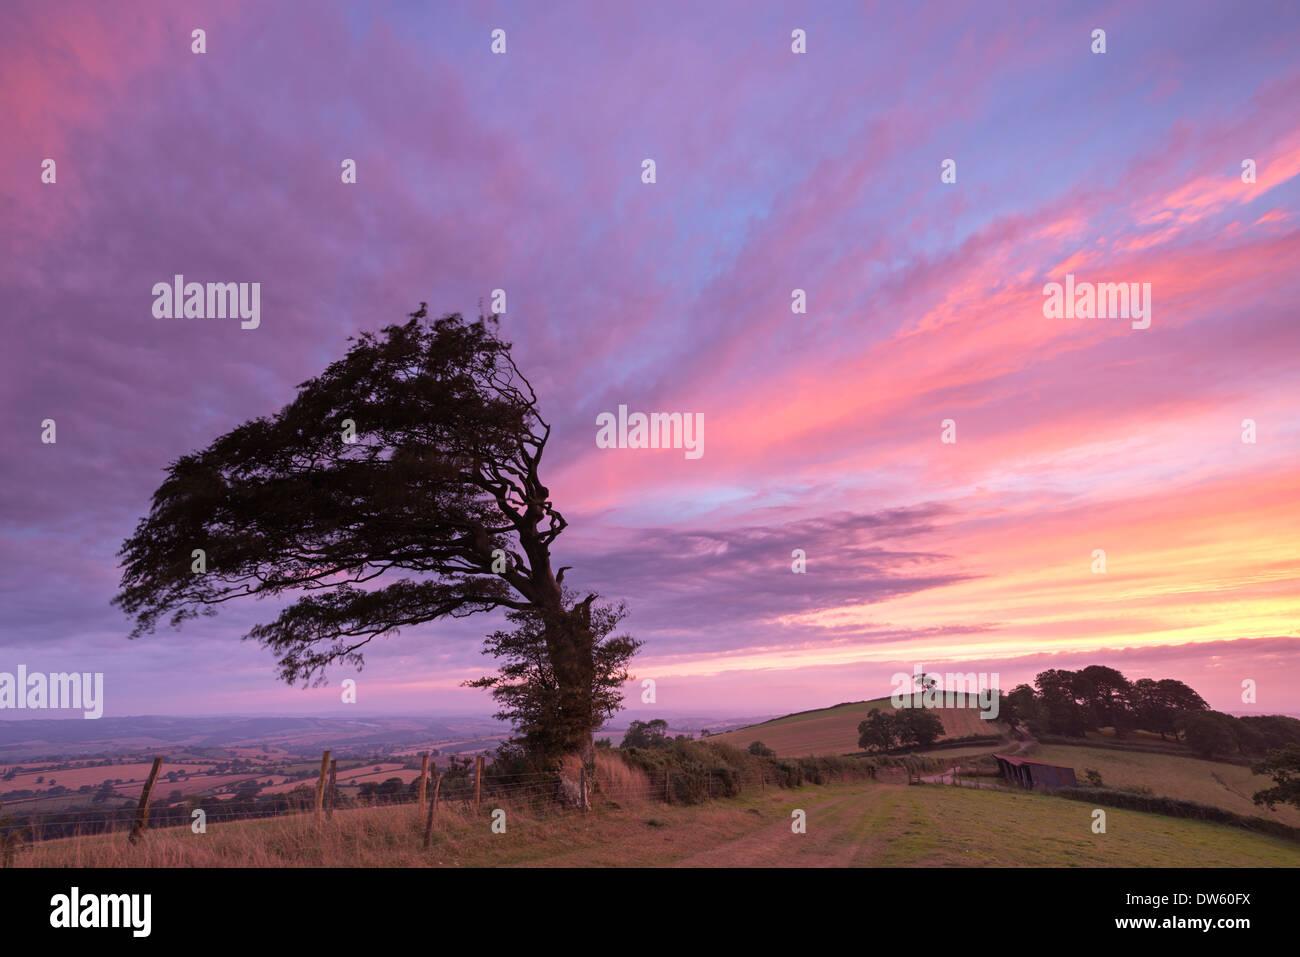 Arbre balayées par soutenue par un coucher de soleil spectaculaire, Raddon Hill, Devon, Angleterre. L'été (septembre) 2013. Photo Stock